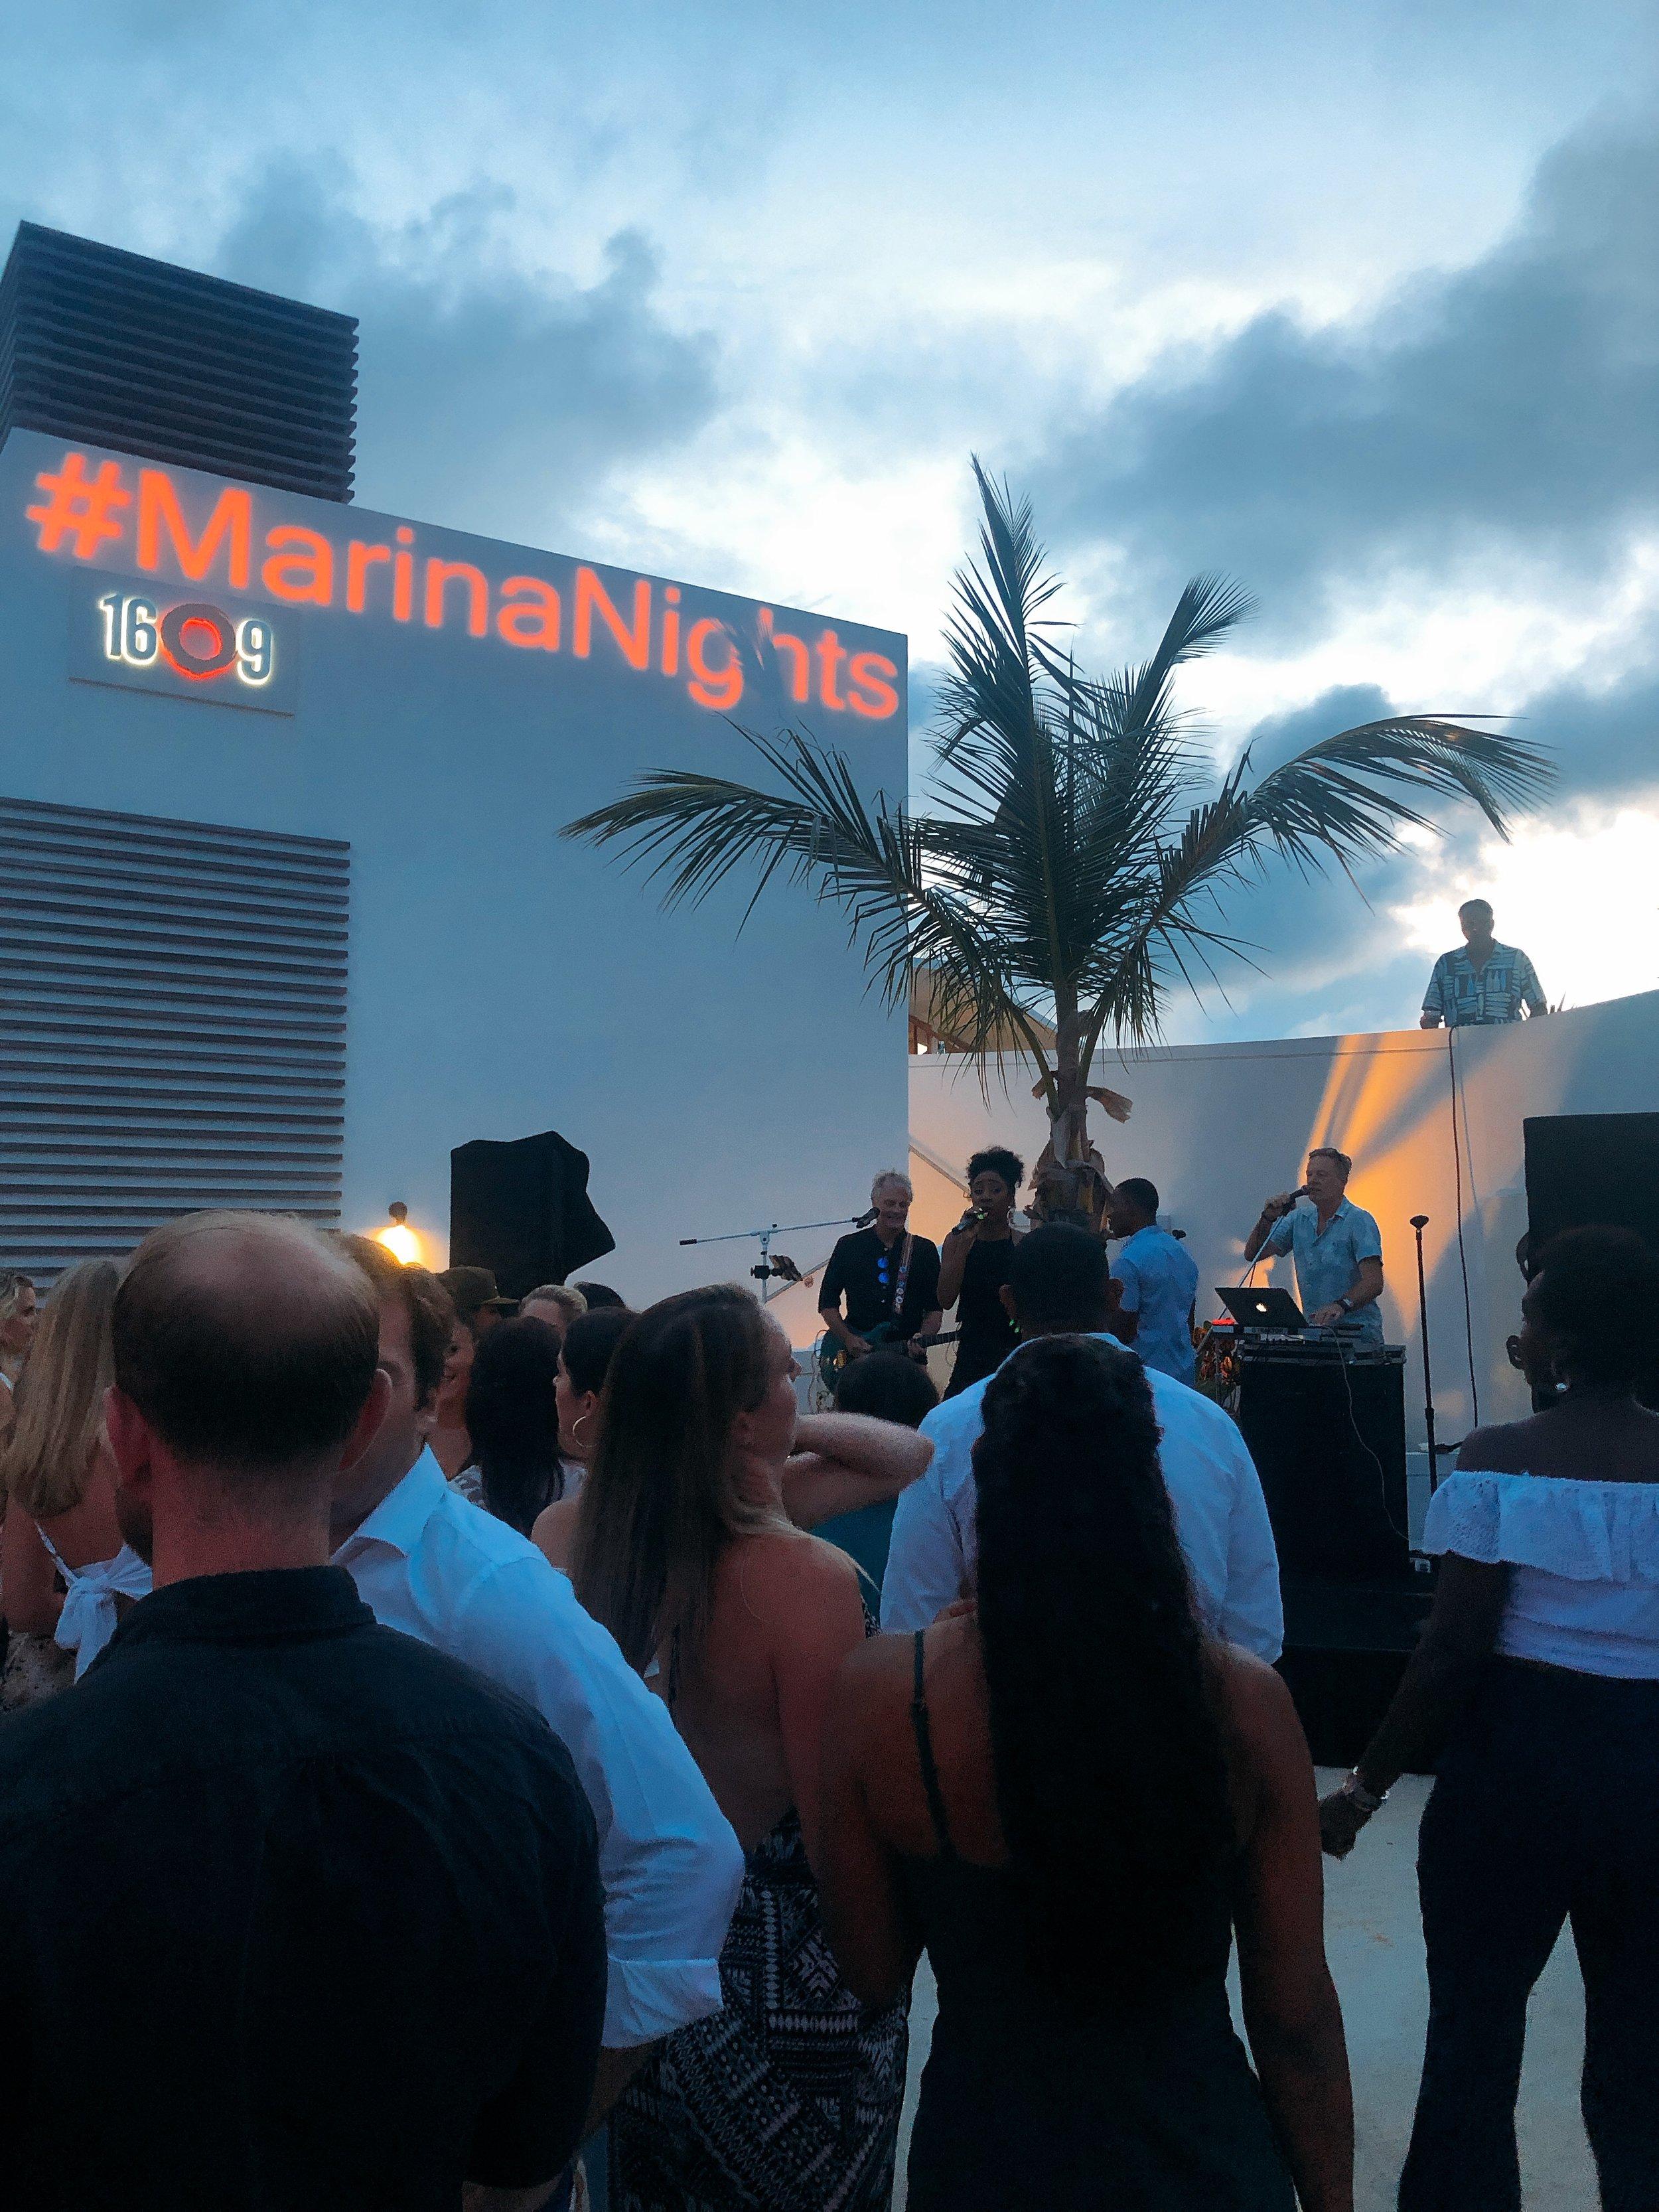 Marina Nights